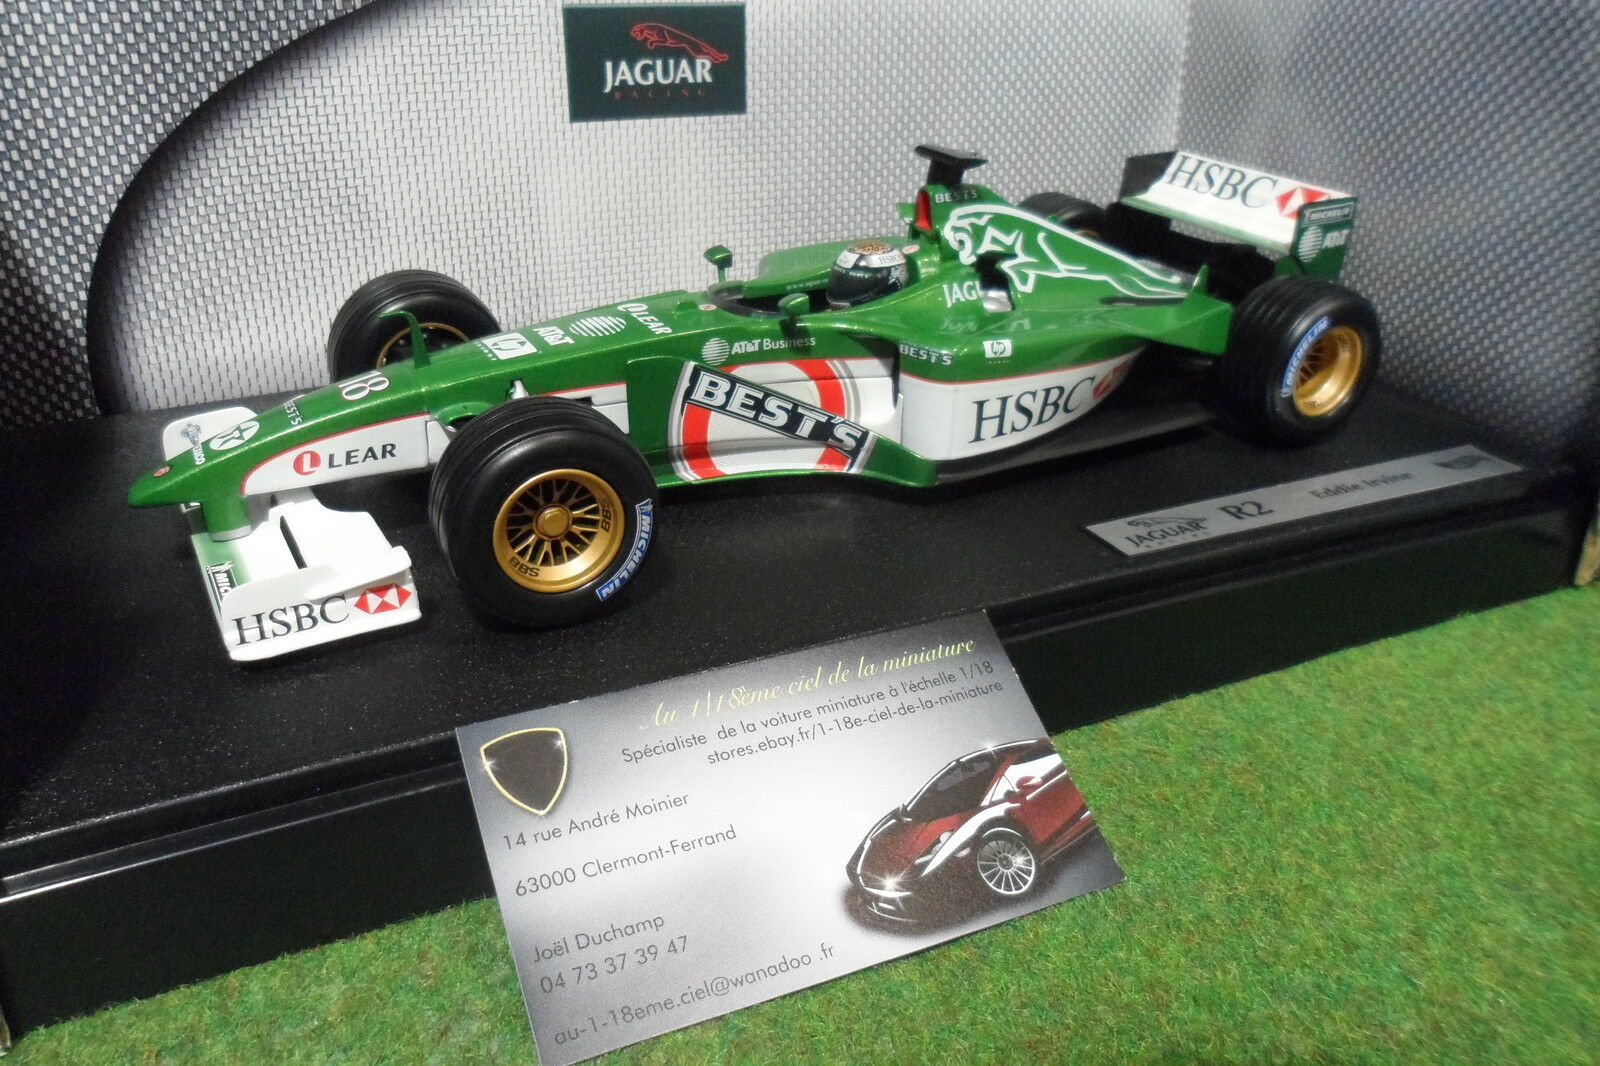 venta al por mayor barato F1 JAGUAR RACING R2    18 Eddie IRVINE de 2001 au 1 18 HOT WHEELS 50173 formule 1  el mas reciente